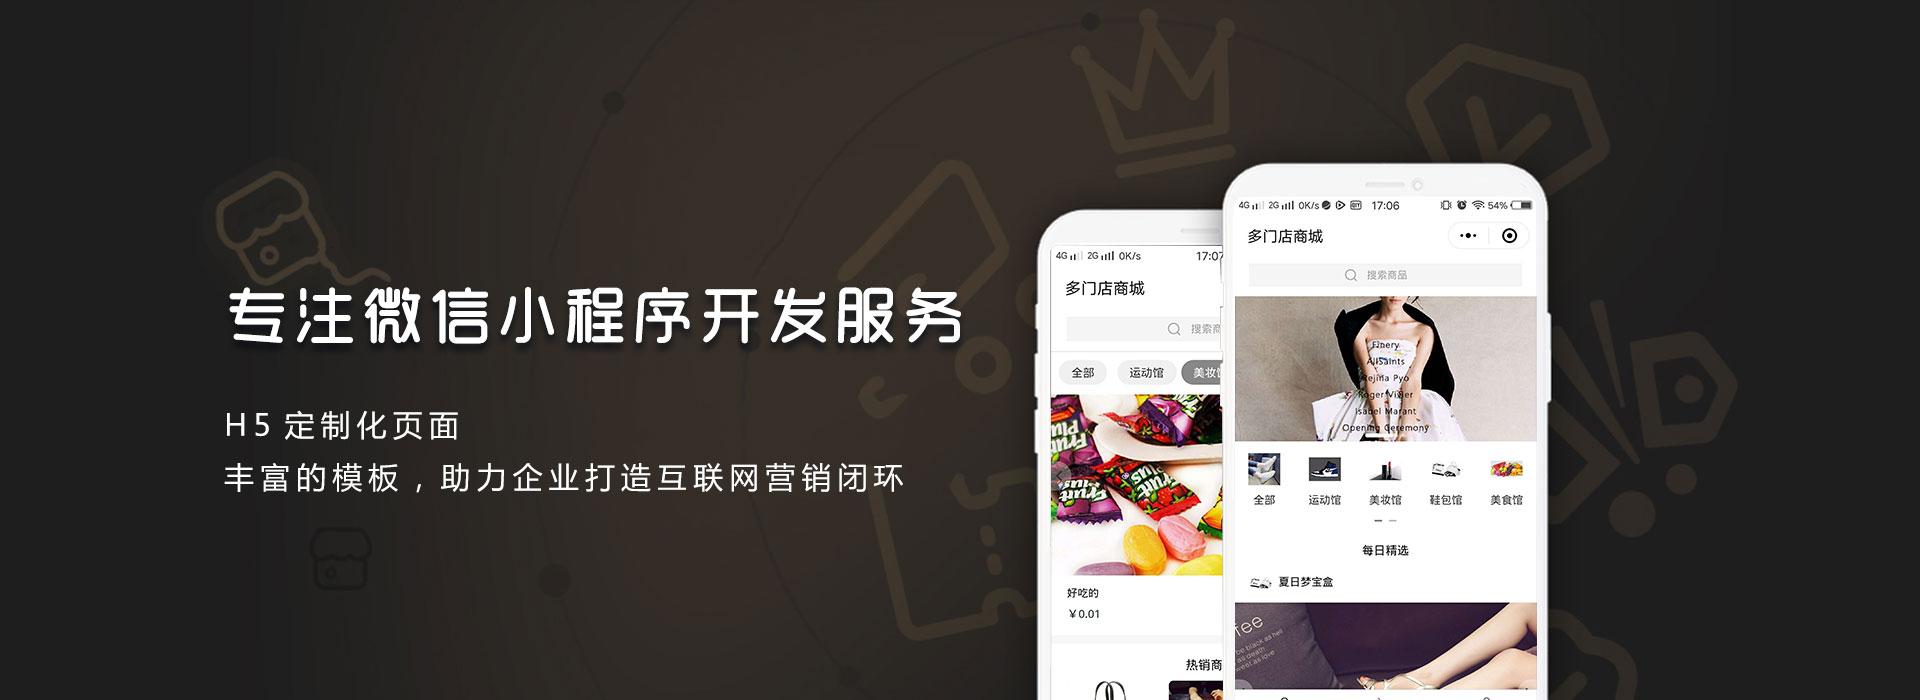 沈阳小程序开发定制H5网页banner图